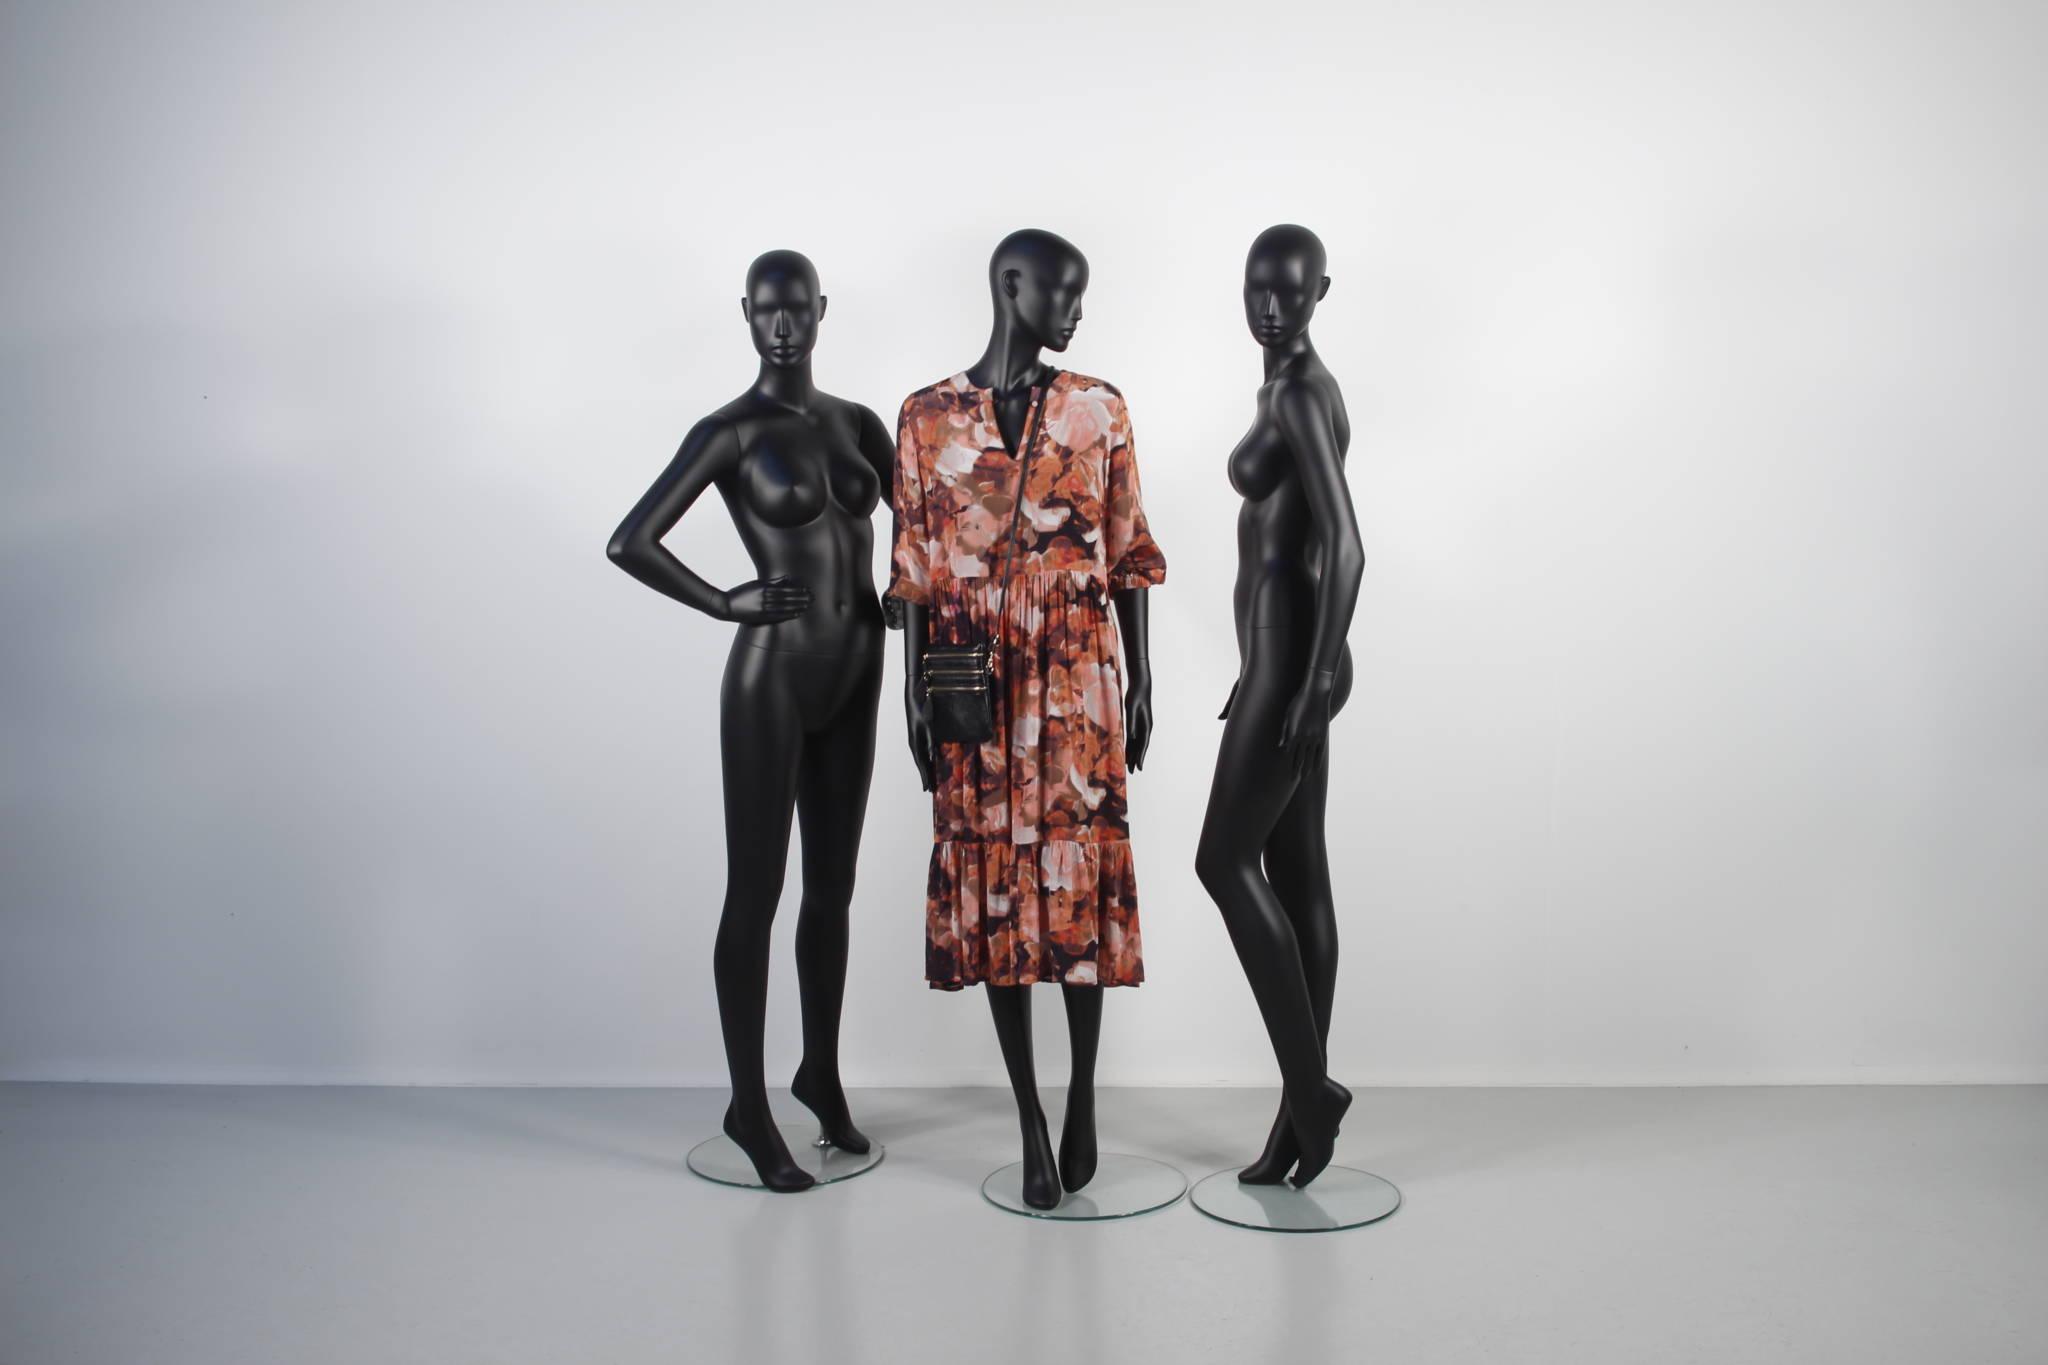 Damemannquin med feminint look og selvsikre positioner.